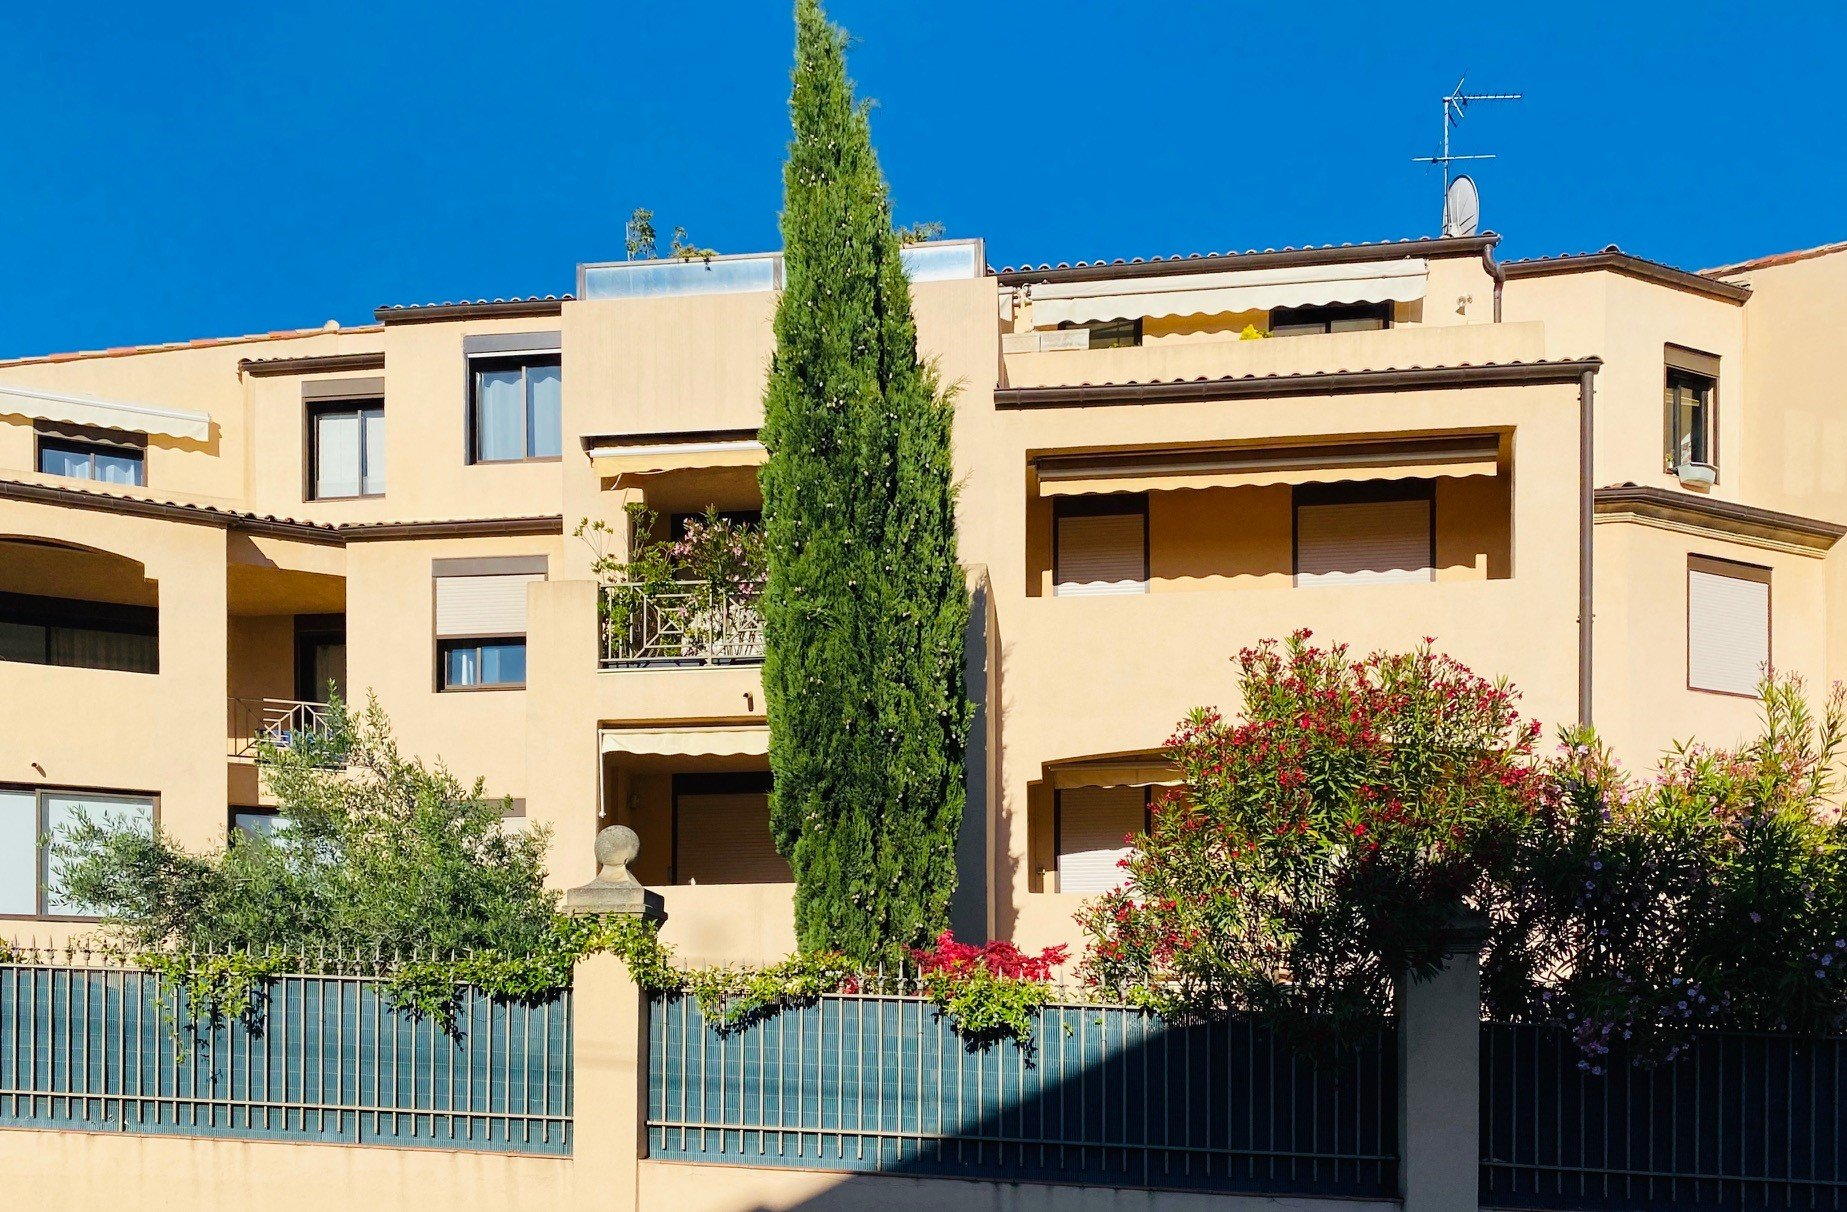 Appartement T3 de 72 m² dans résidence calme avec PISCINE - AIX-EN-PROVENCE